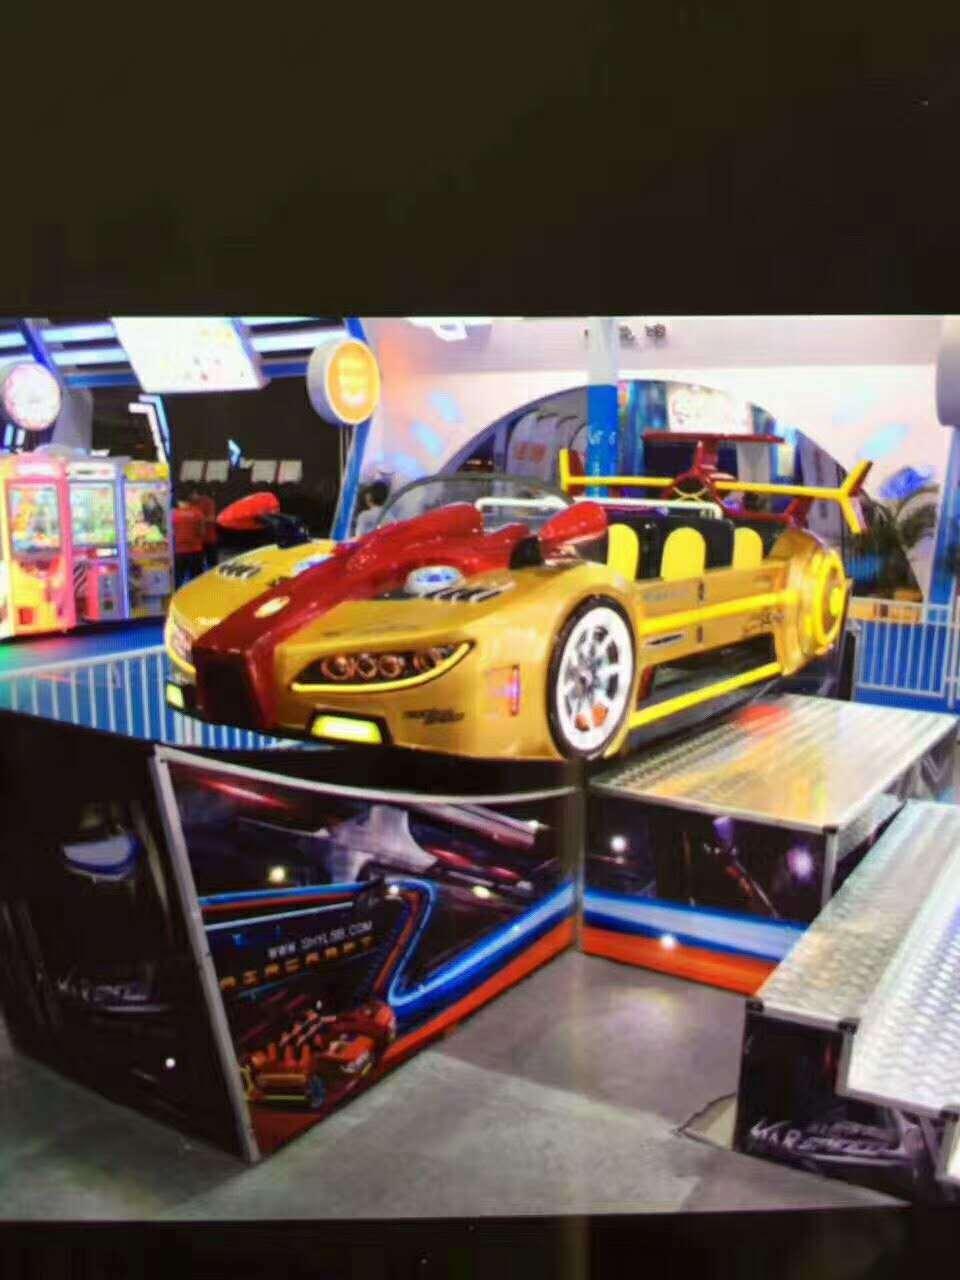 欢乐飞车儿童游乐设备 厂家直销新型霹雳飞车 郑州大洋生产厂家示例图6